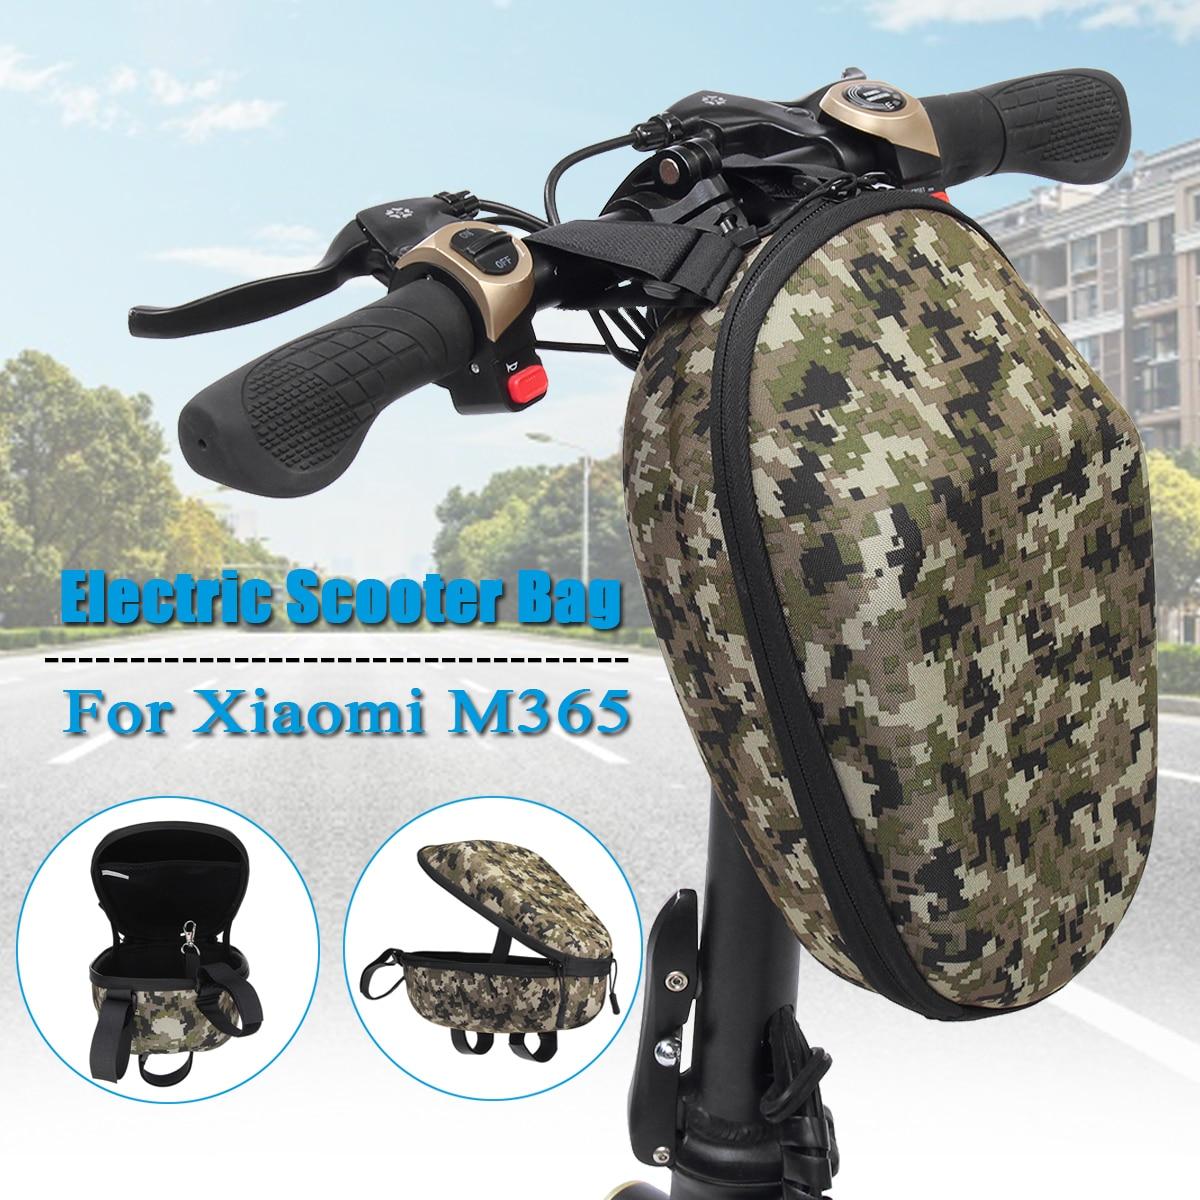 Universal Scooter cabeza bolsa frente bolsa para Xiaomi Mijia M365 Scooter Eléctrico para Ninebot ES Skateboard bolsas de almacenamiento